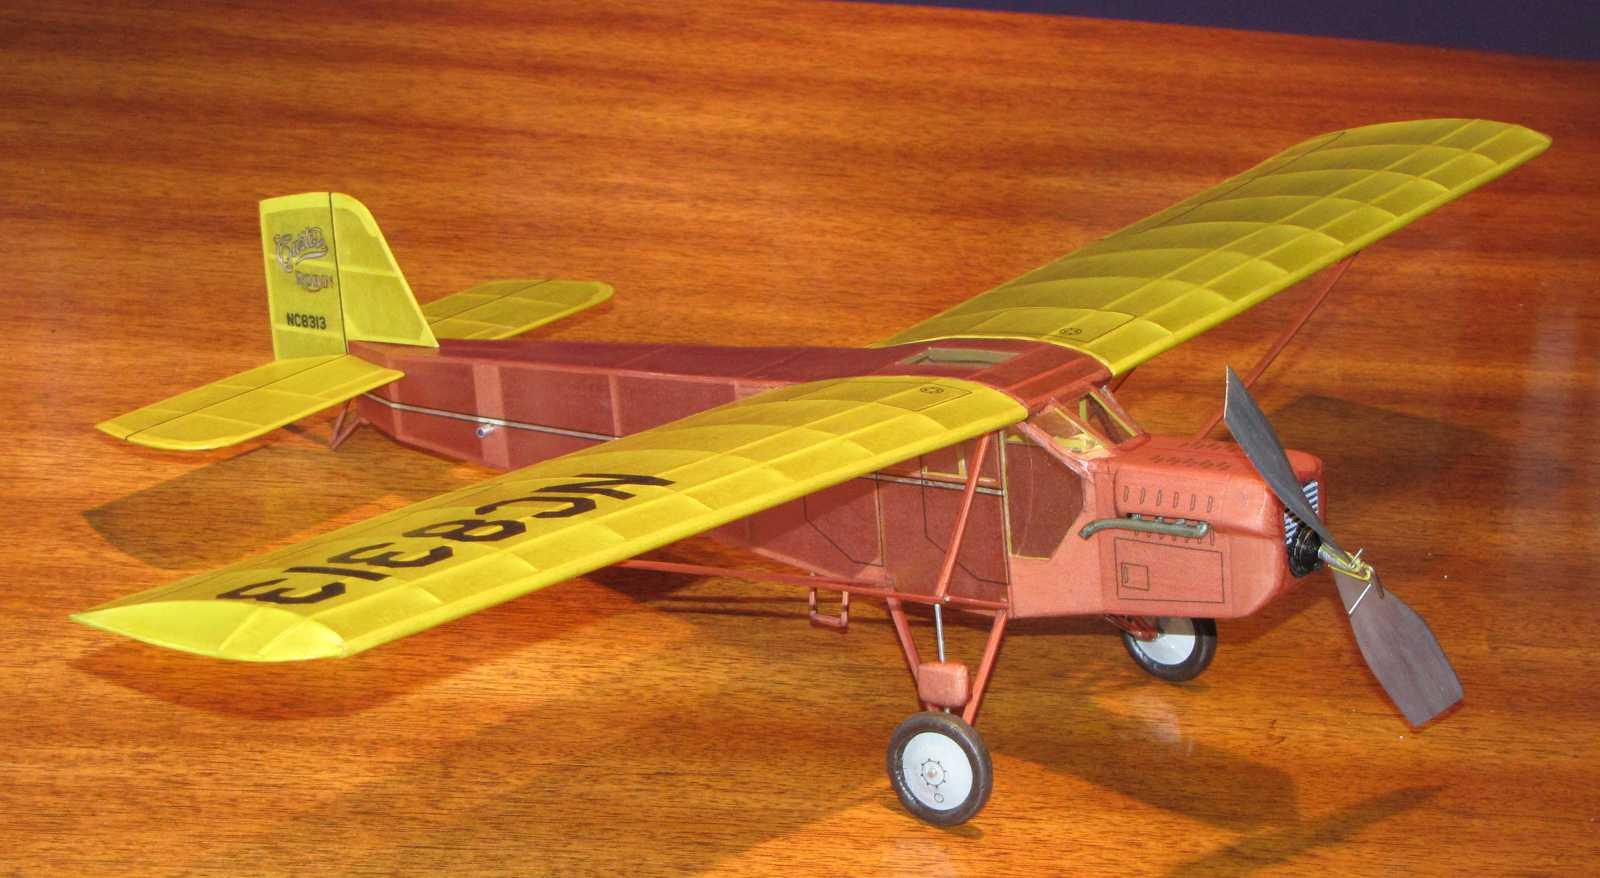 https://0201.nccdn.net/1_2/000/000/0f7/6fa/Curtiss-Robin_02F-1600x878.jpg